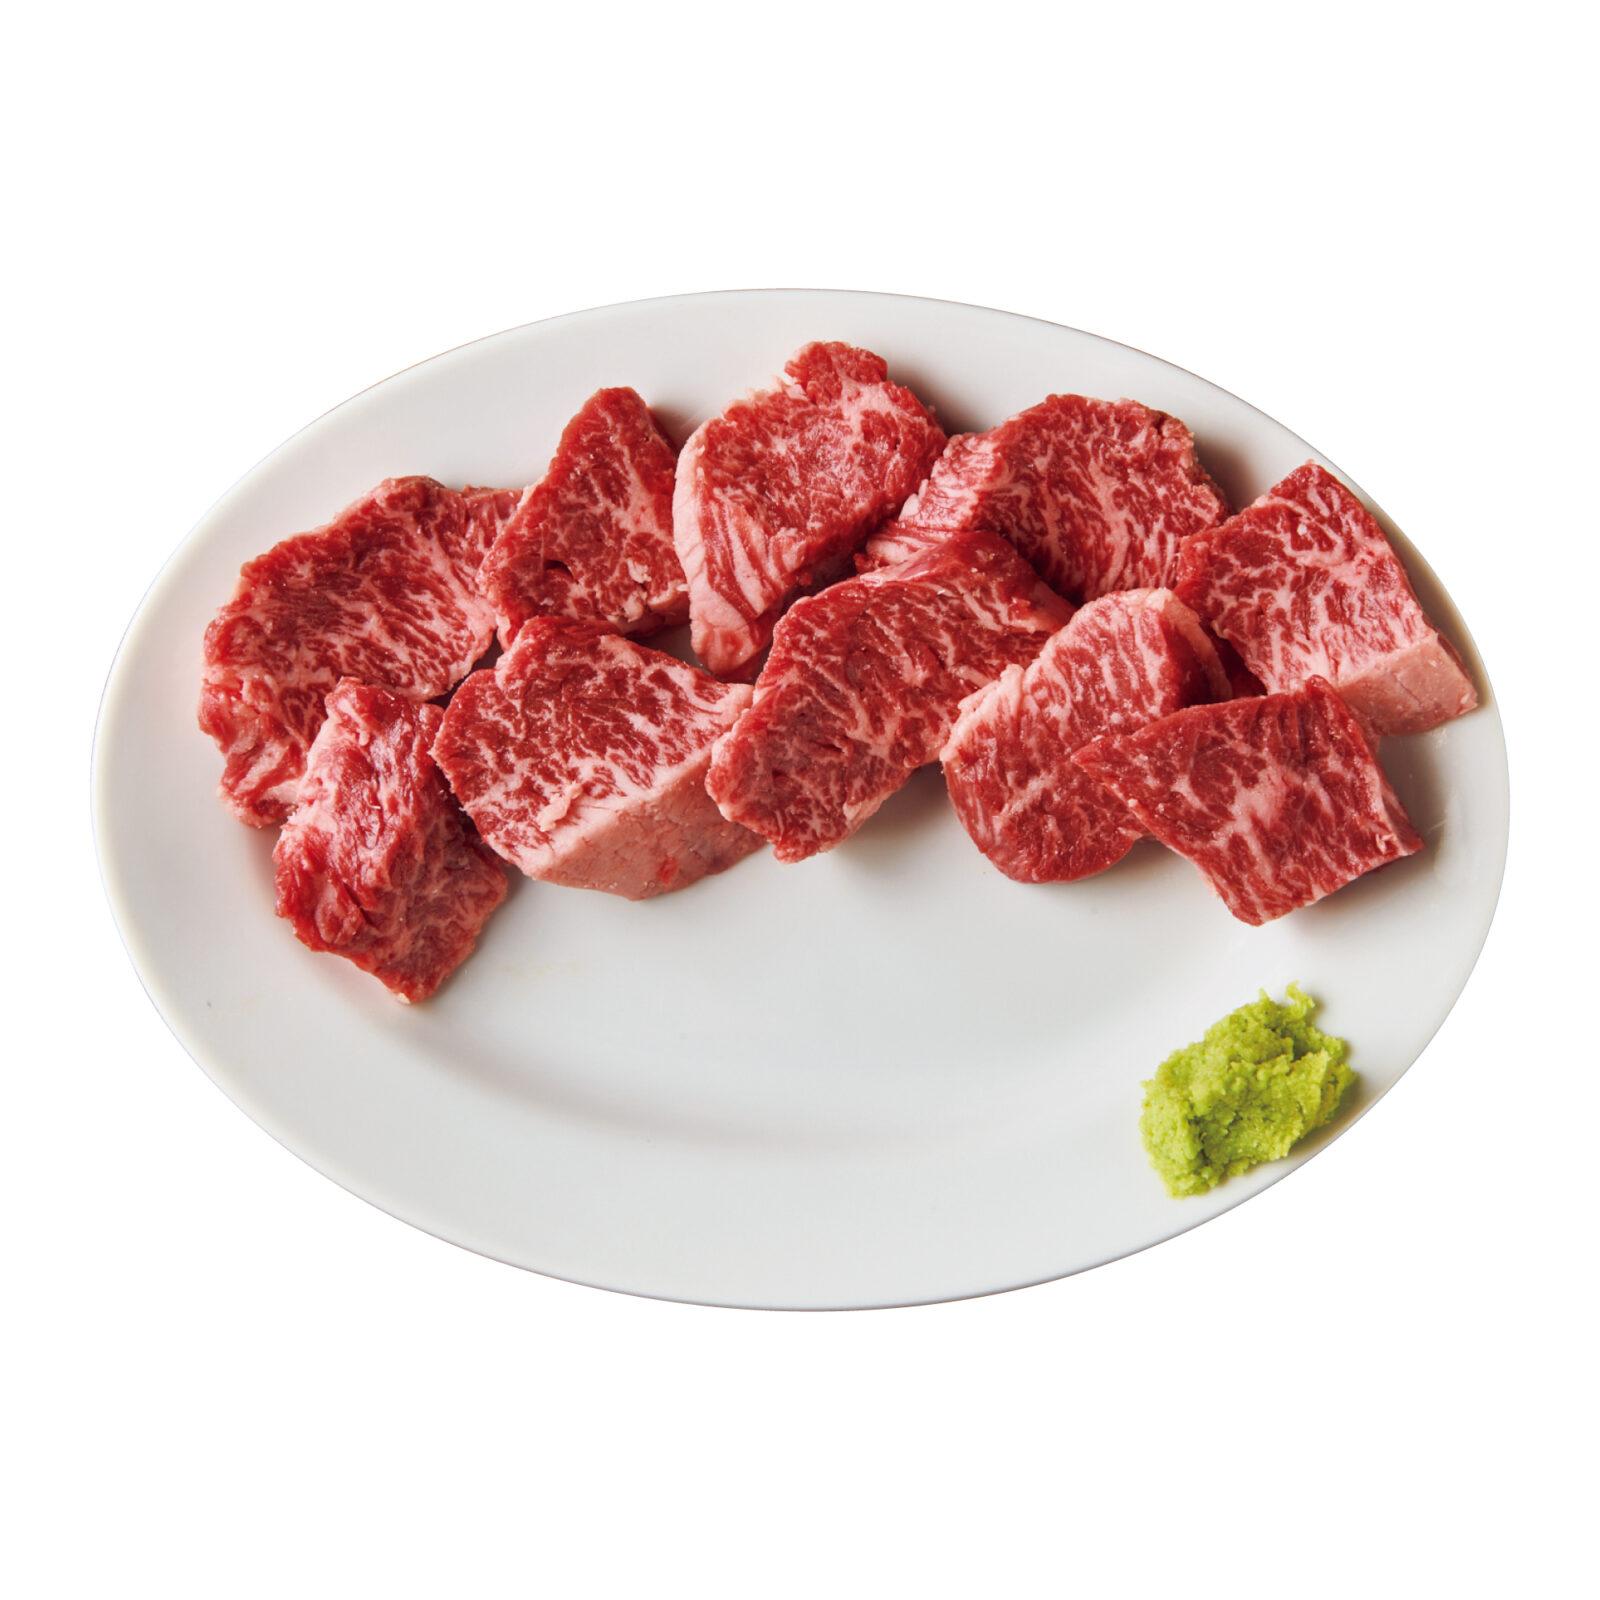 上ハラミ(わさび醤油)¥2,728